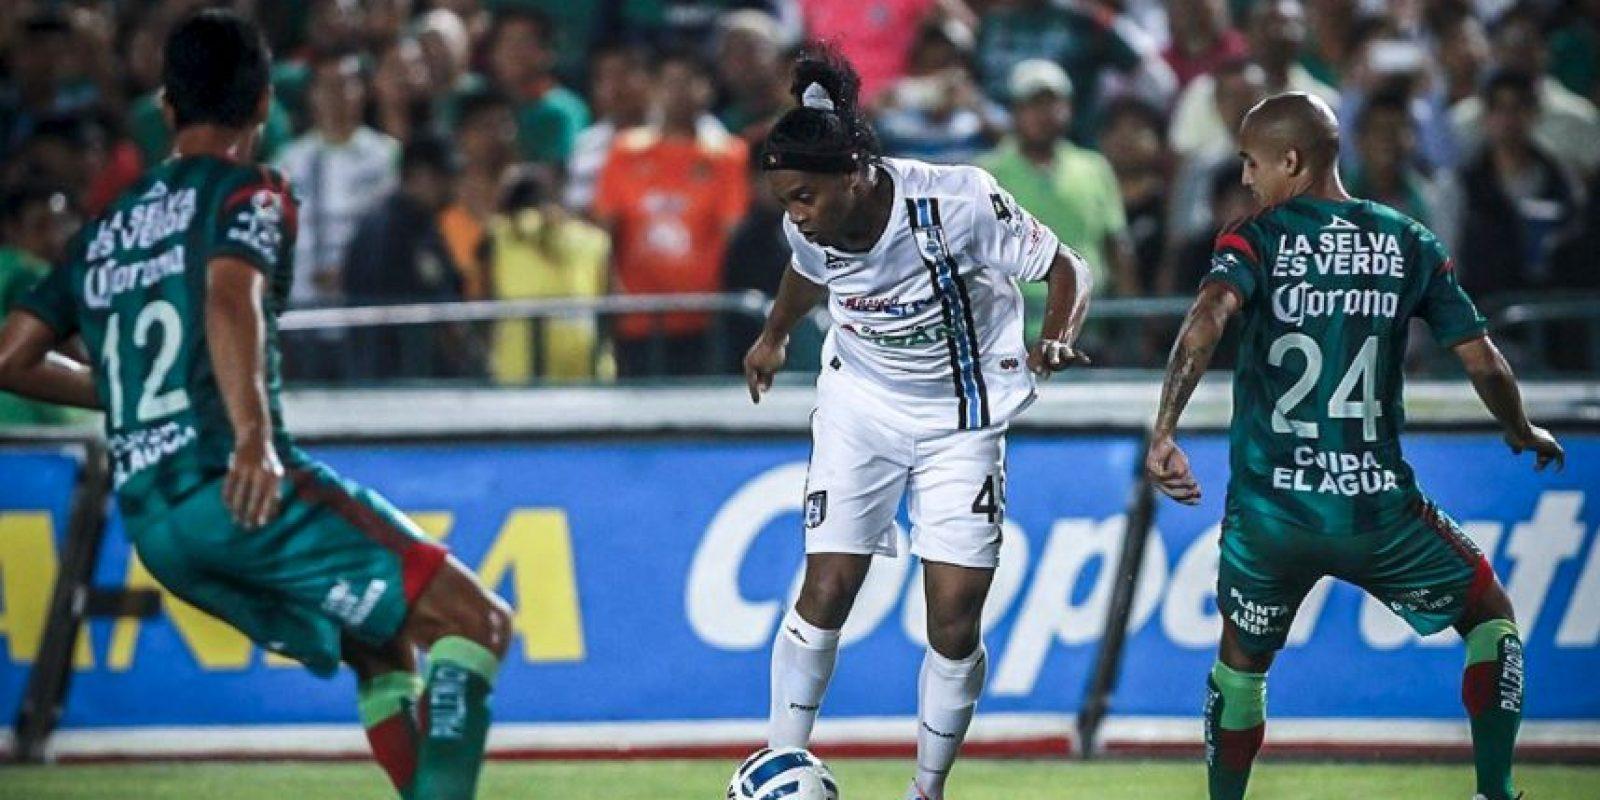 Y gracias a sus buenas refeencias, otro crack brasiló se acerca a la Liga MX Foto:Facebook: Ronaldinho Gaucho